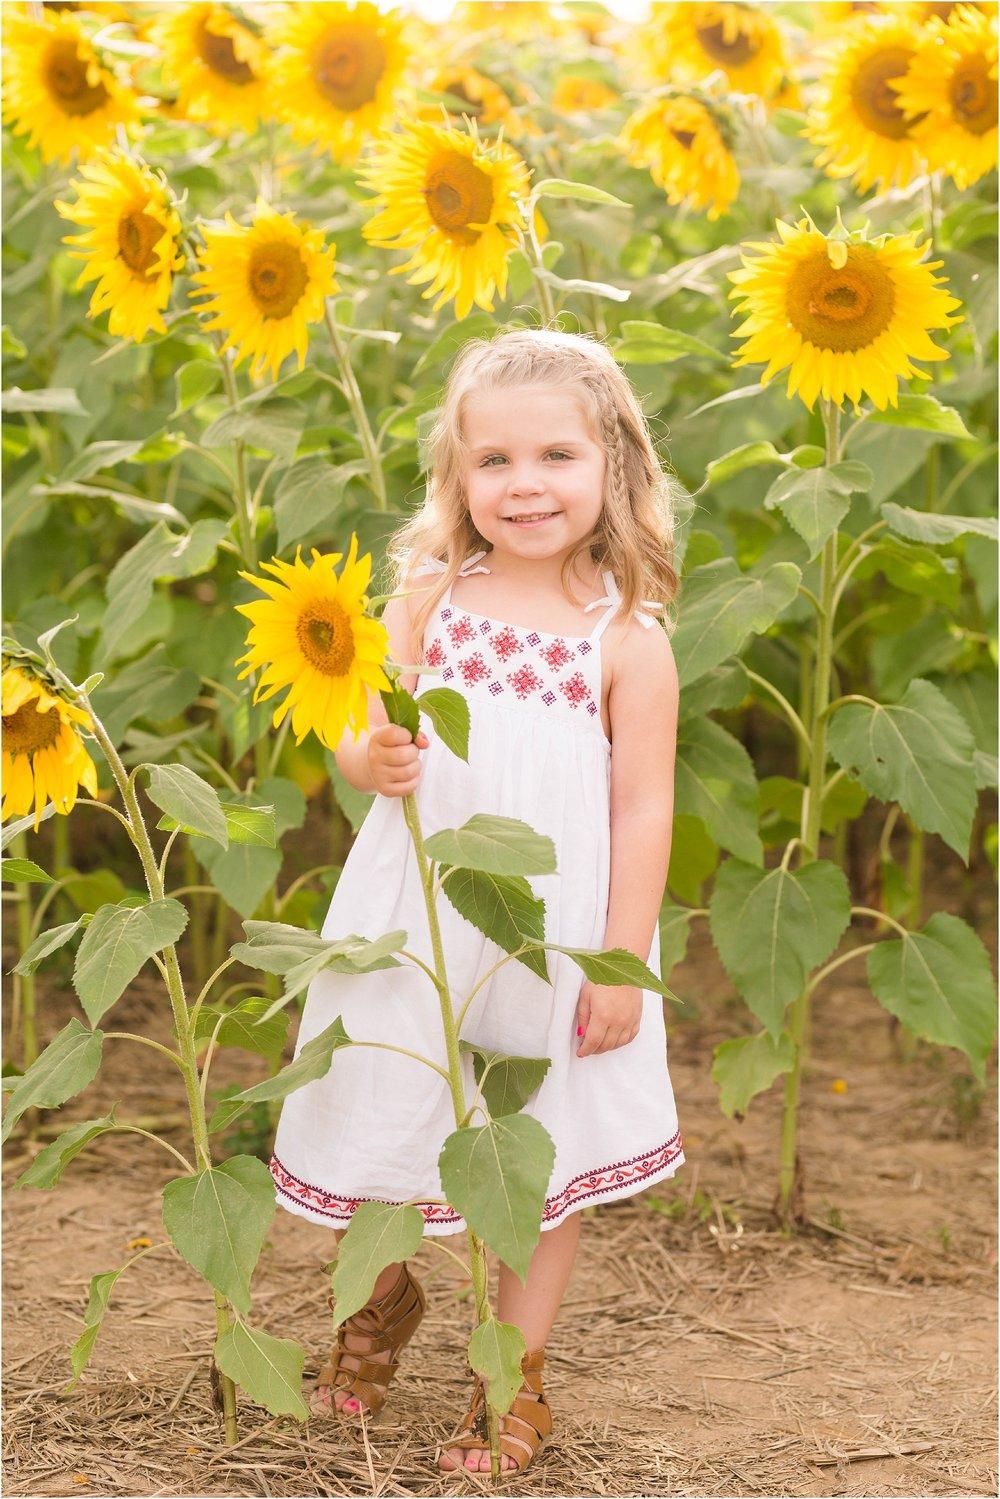 carroll-county-photographer-sunflower-field-7.jpg